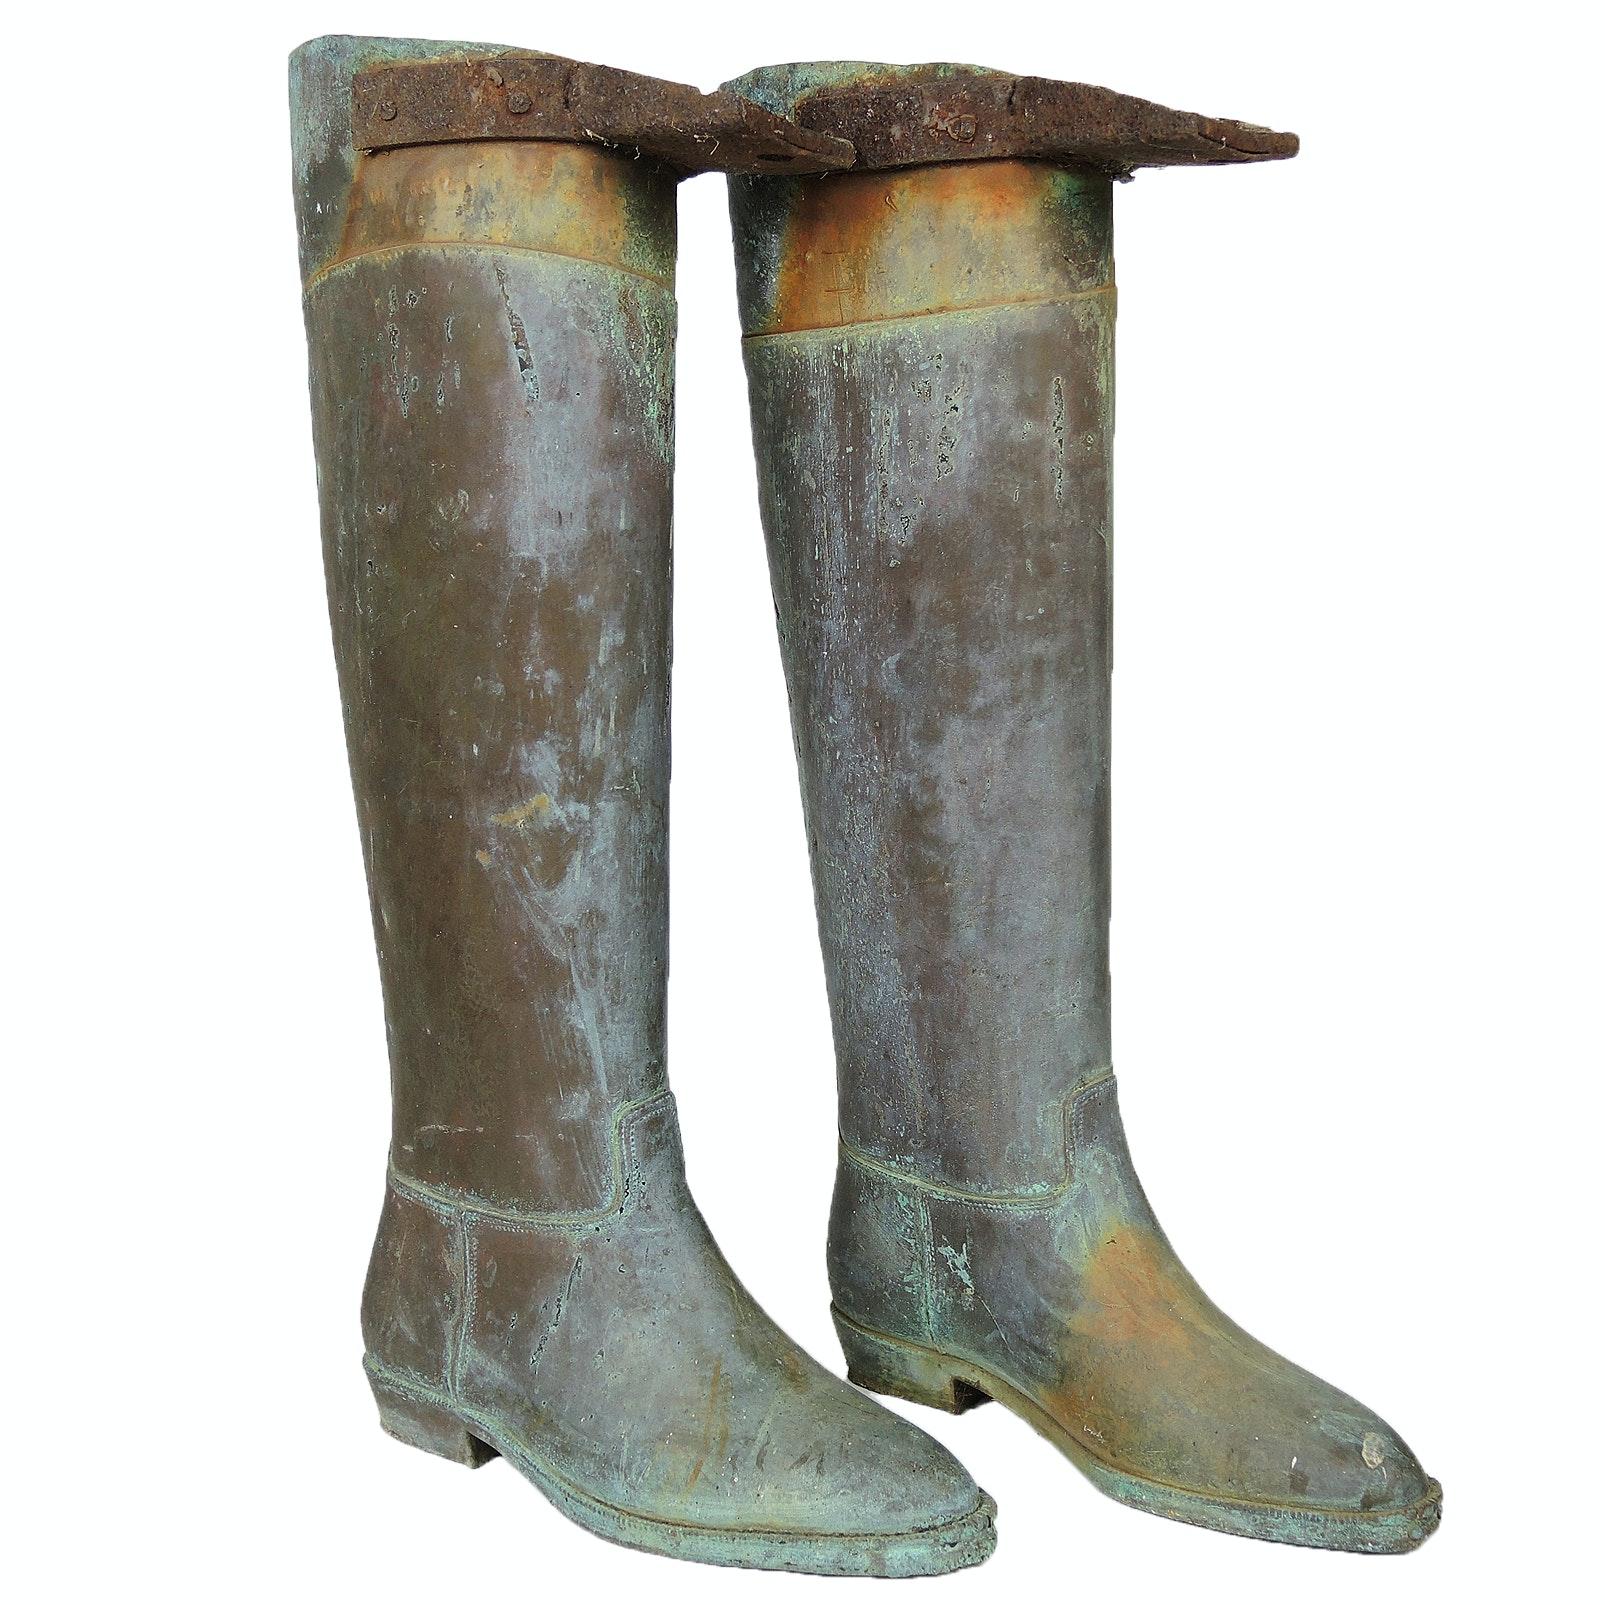 Copper Boot Molds for Andrew Geller